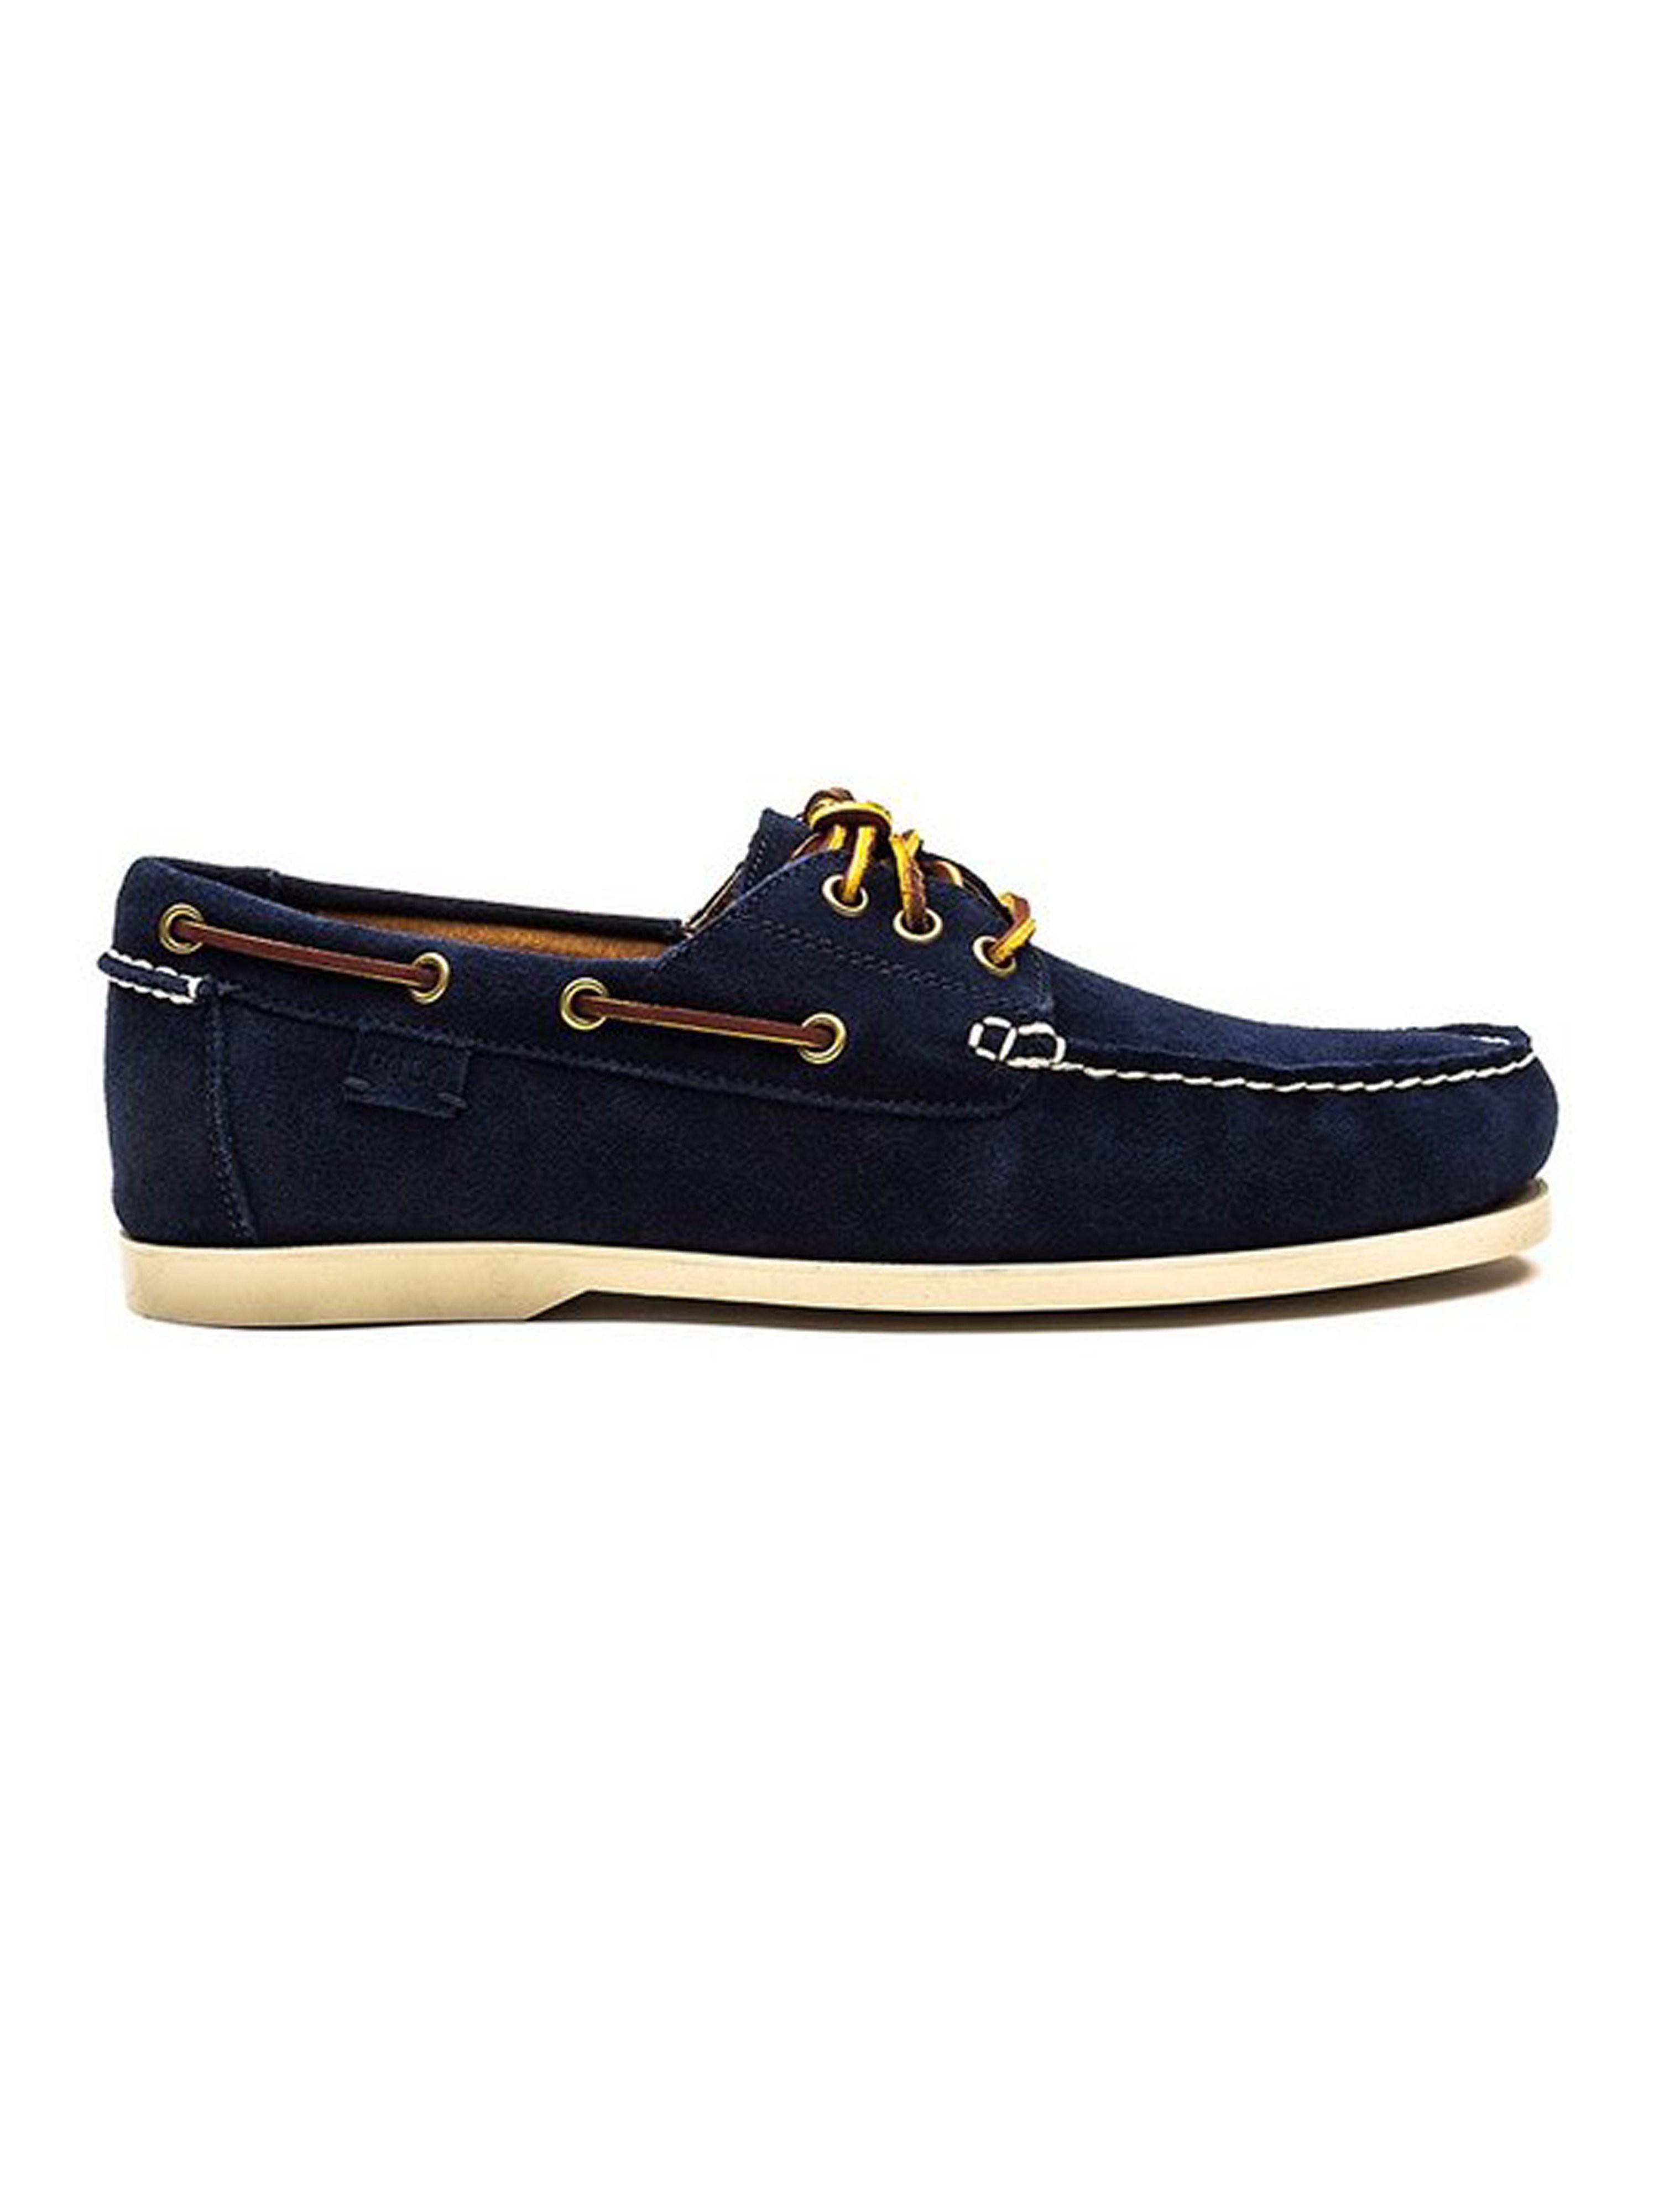 Polo Ralph Lauren Mens Bienne II Suede Shoe - Newport Navy